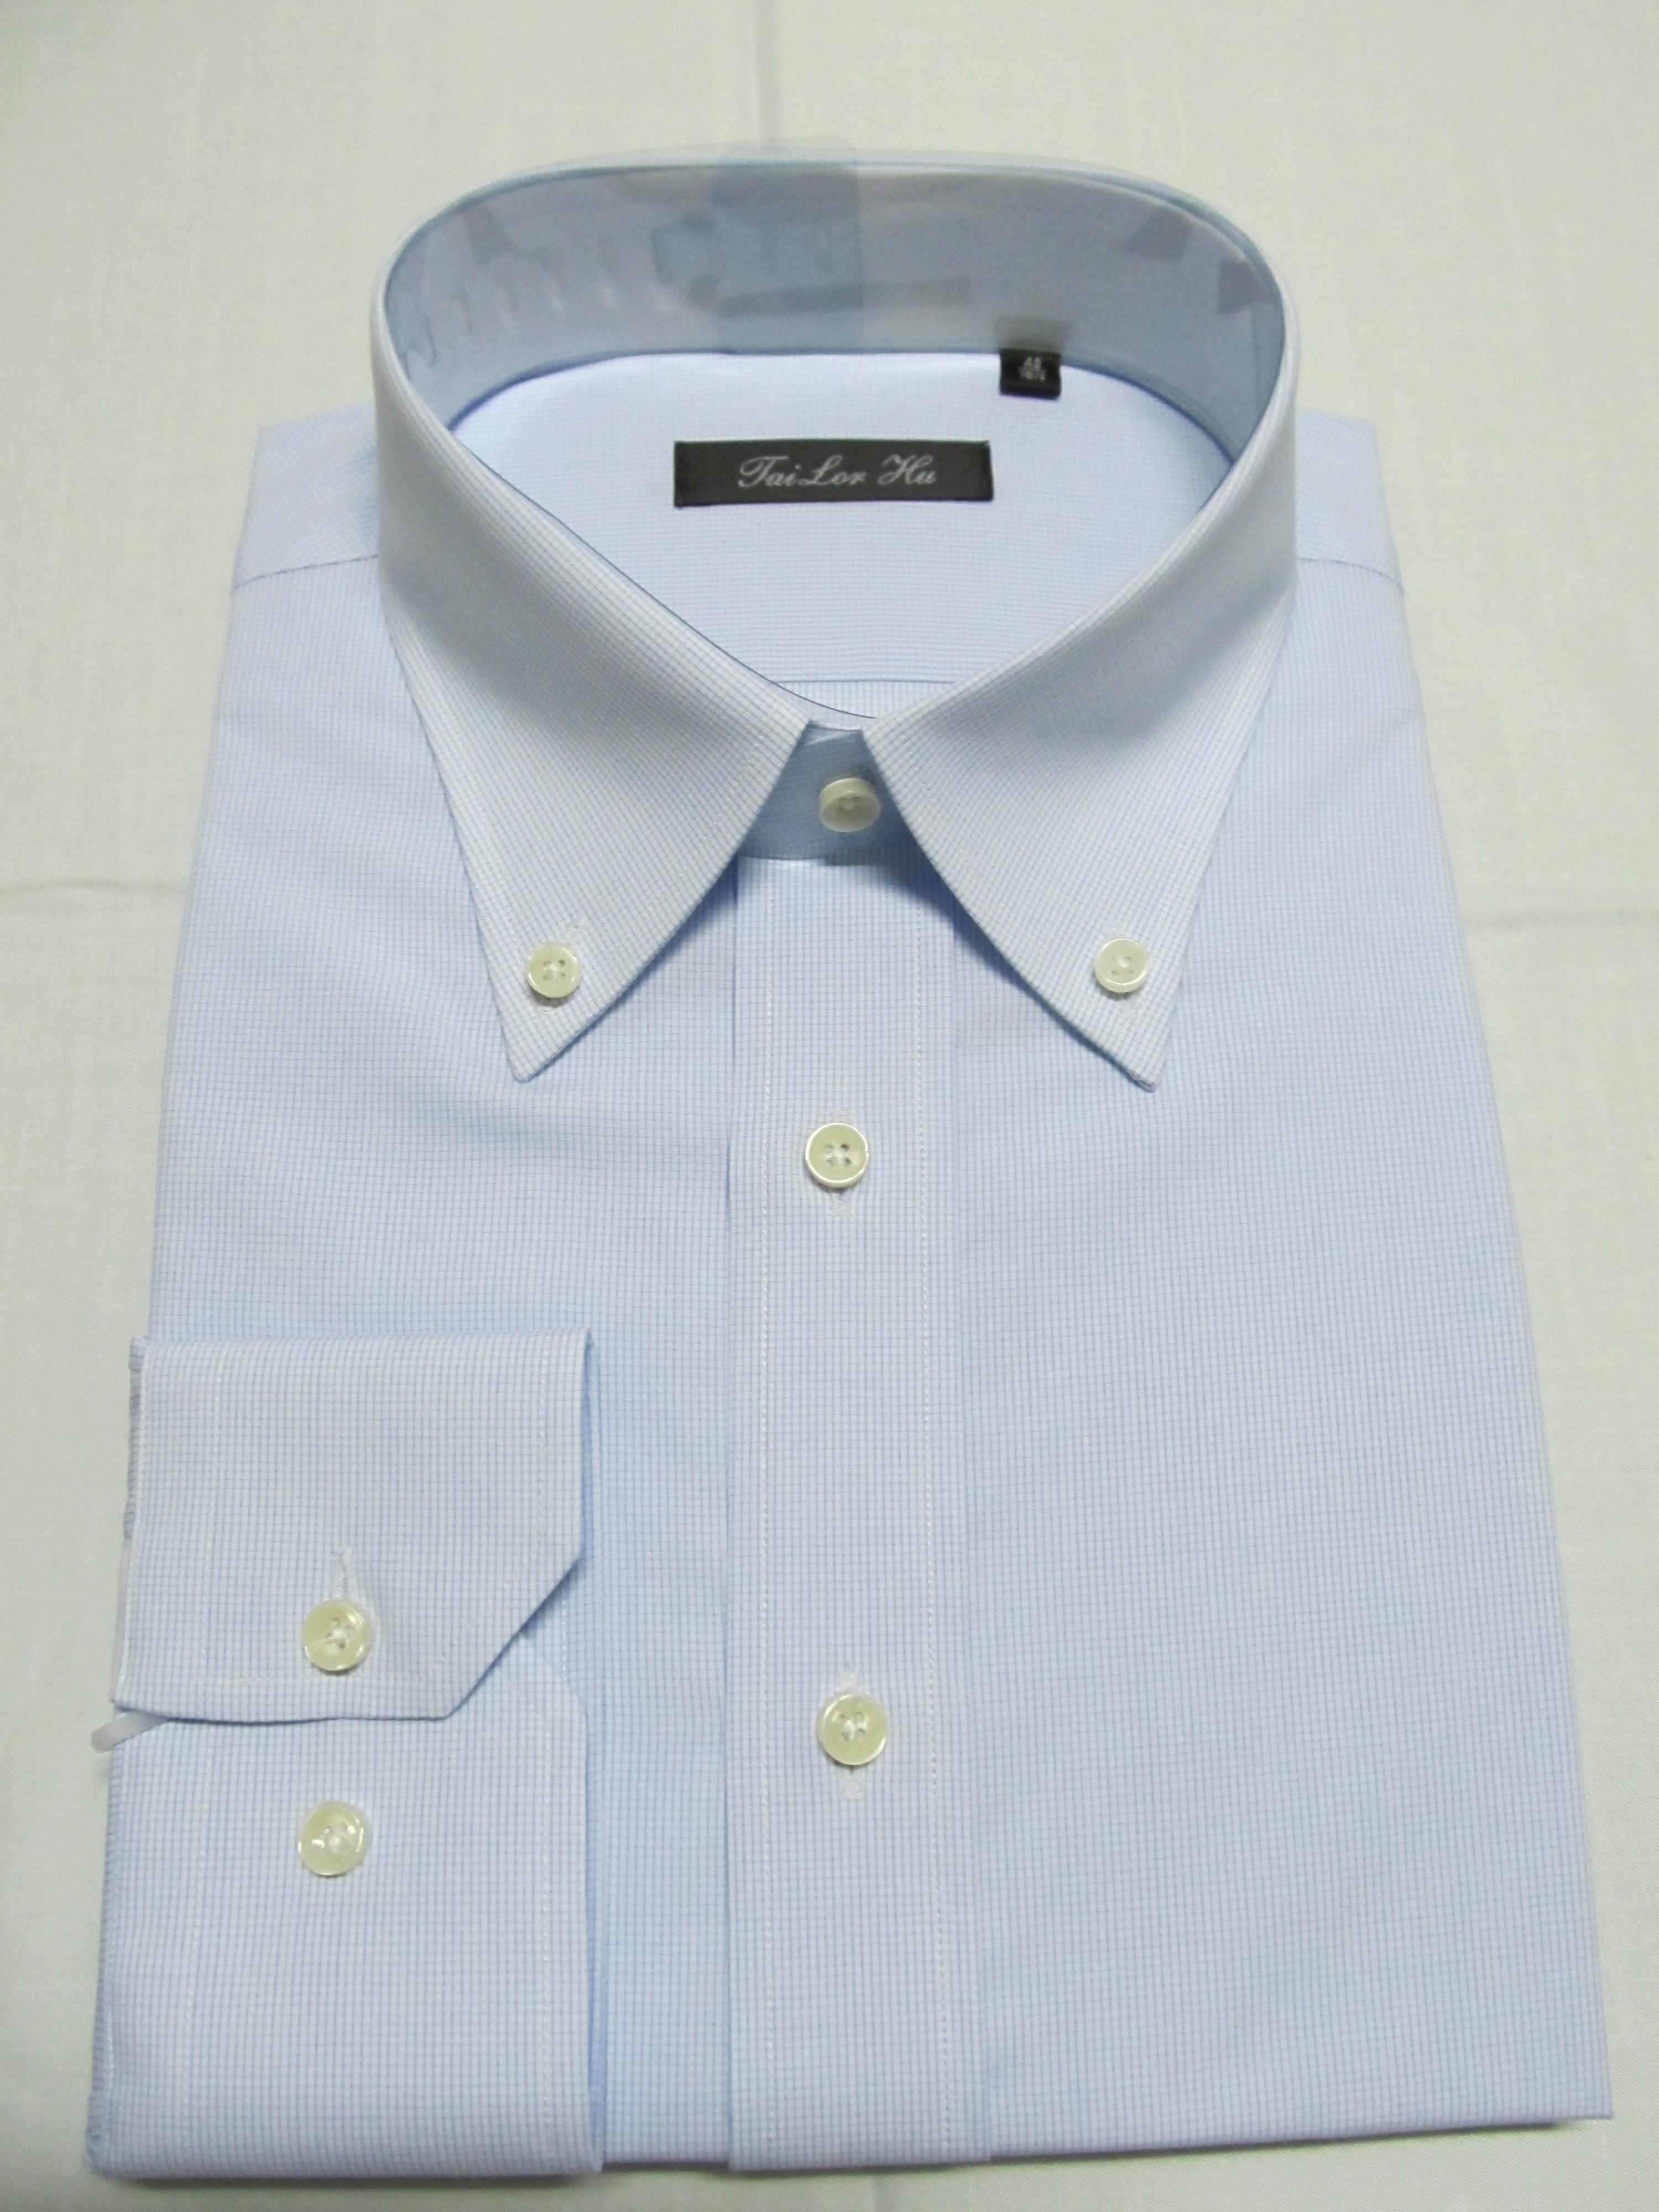 男士衬衫定做 量身定制 长袖 经典蓝色小碎格英伦风格 可绣字衬衣